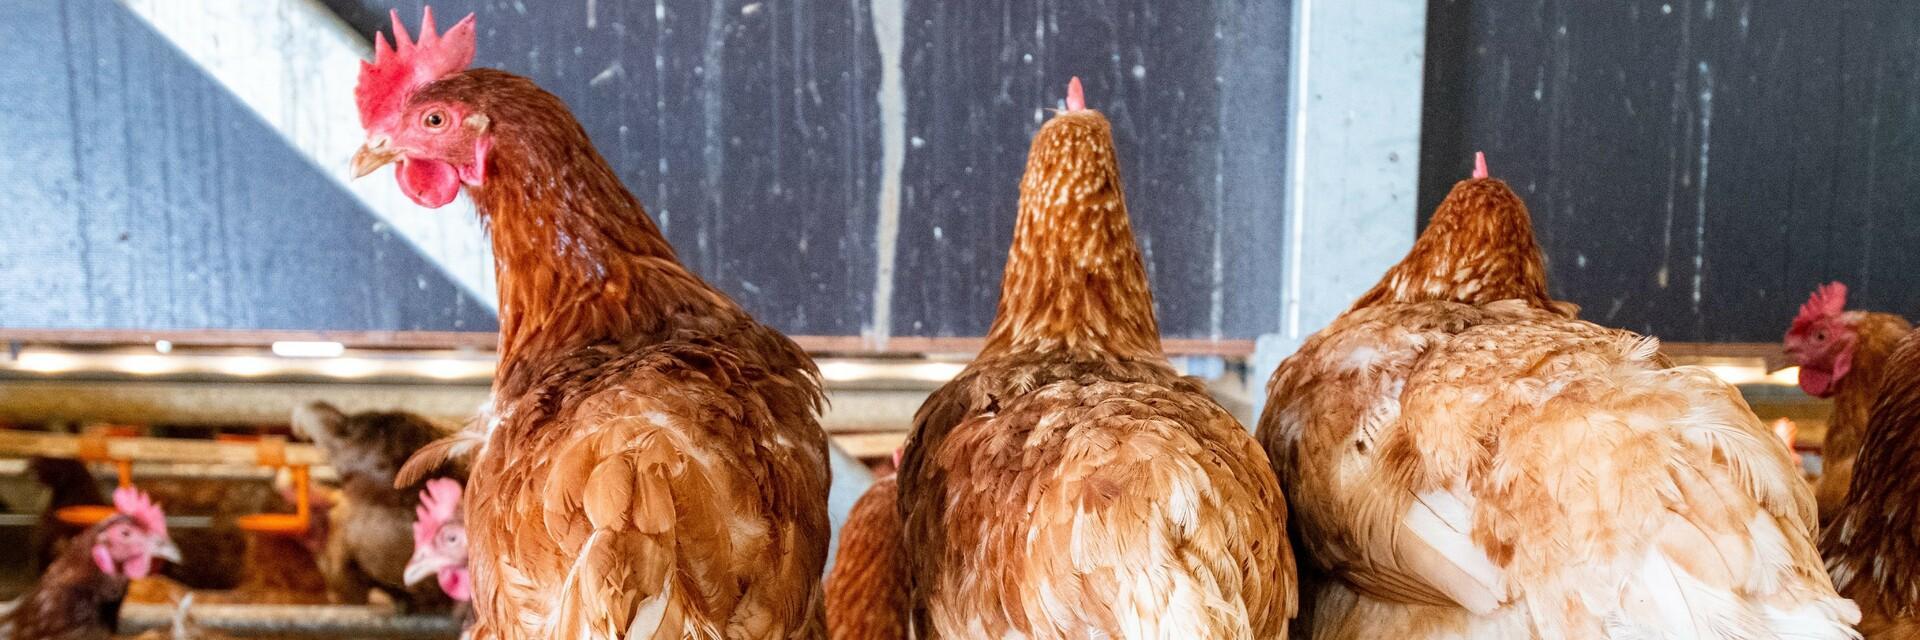 Hühner auf Sitzstangen